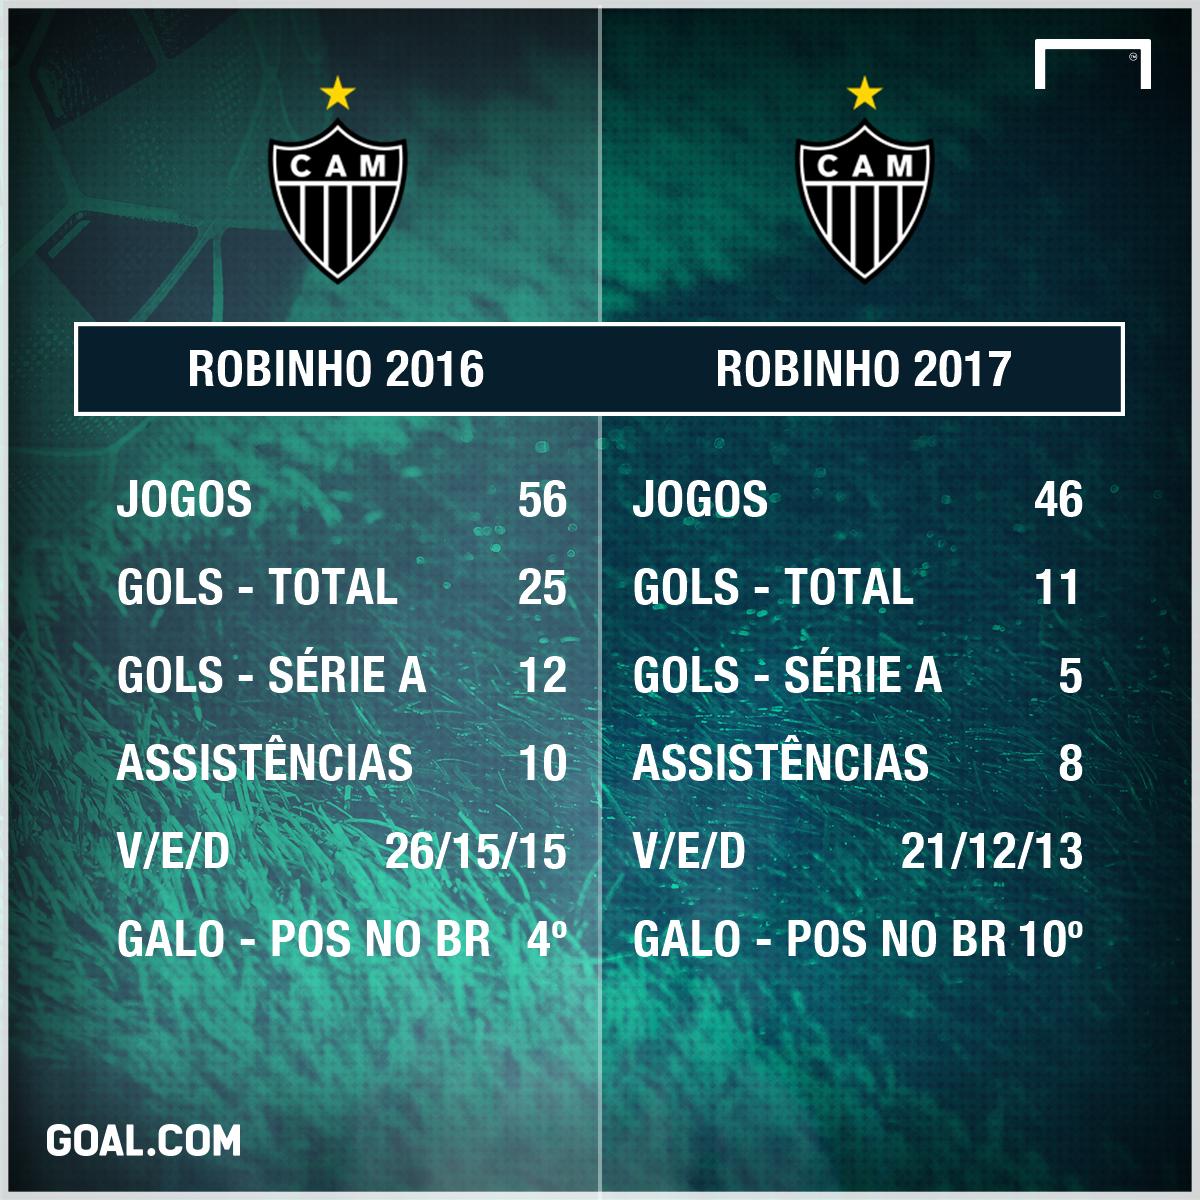 GFX Robinho Atletico 2016 e 2017 27102017